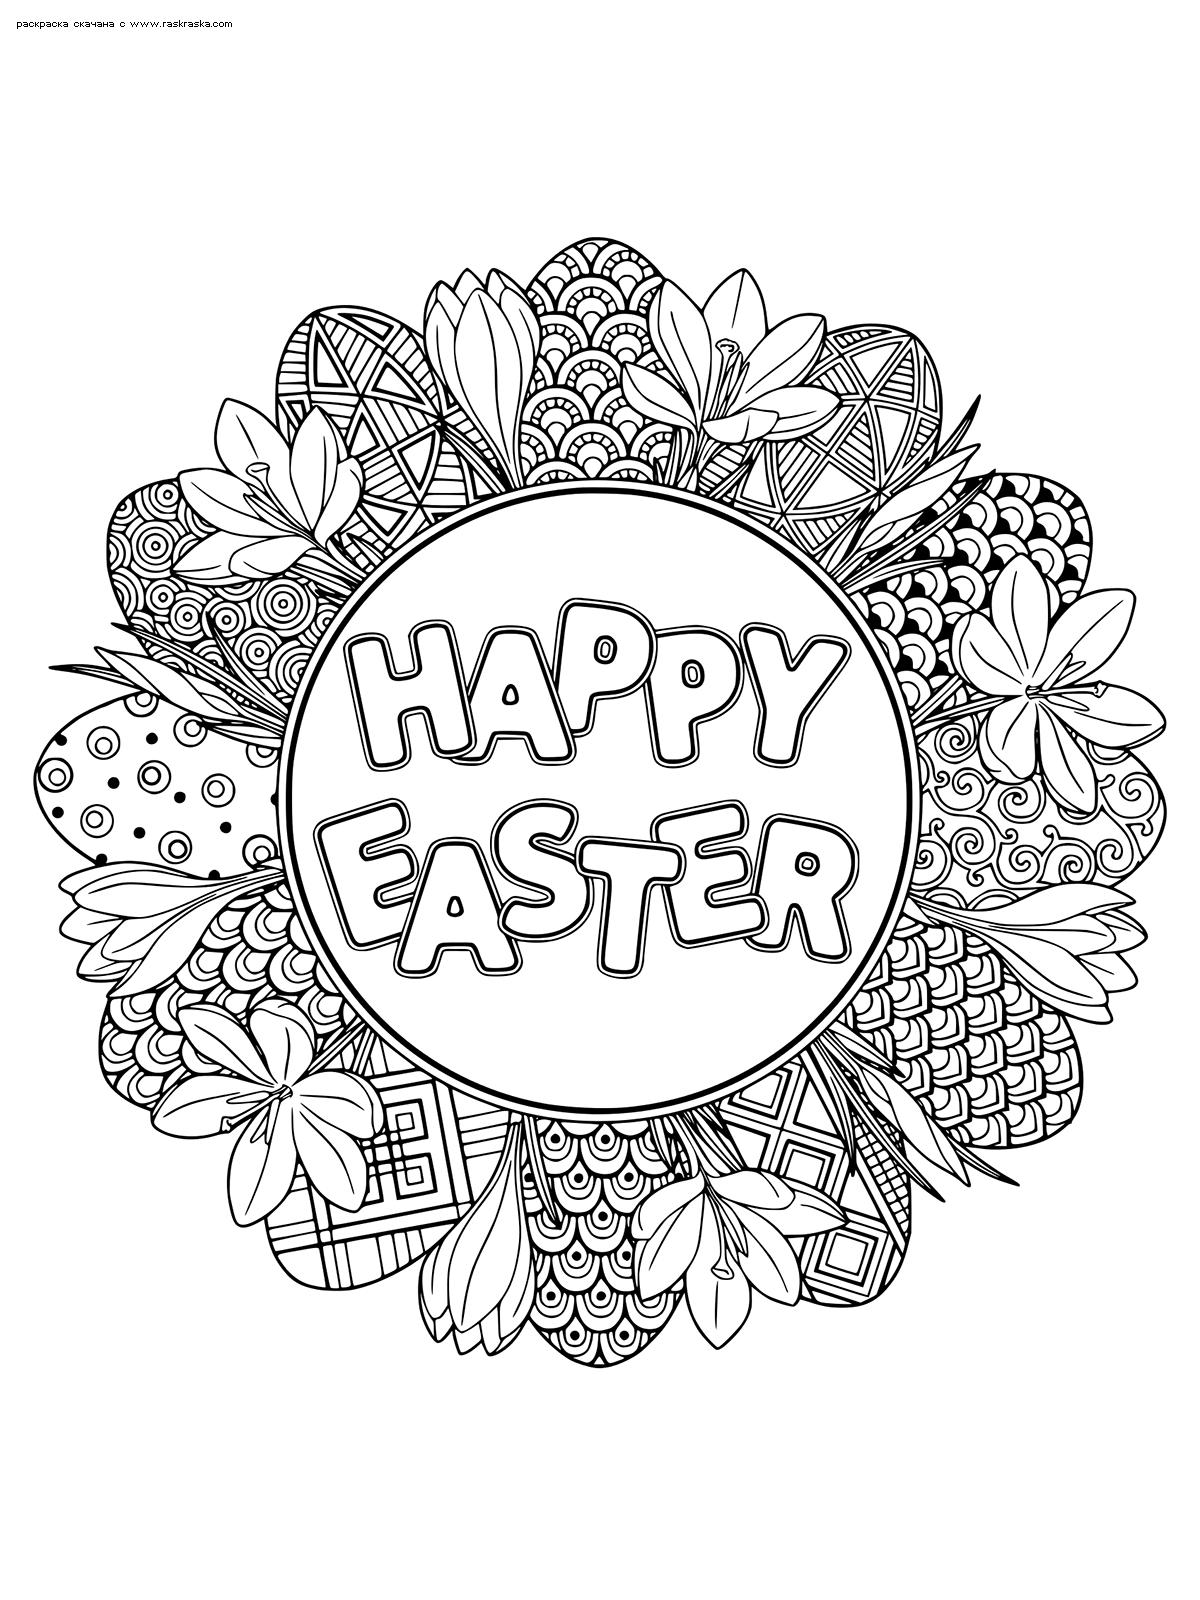 Раскраска Счастливой Пасхи. Раскраска Пасха, антистресс, мандала